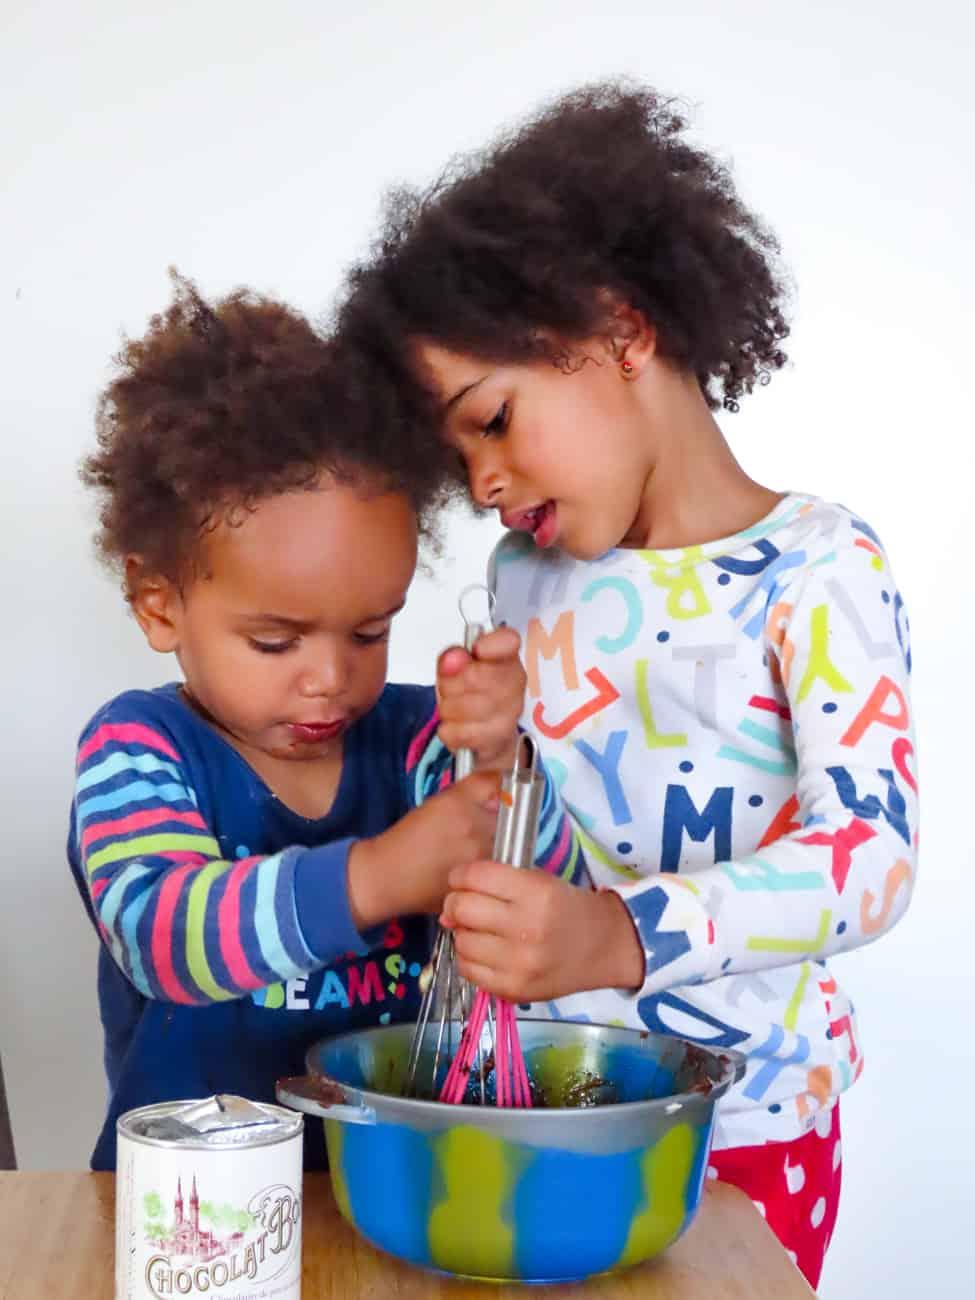 cuisiner-avec-enfants-recettes-25